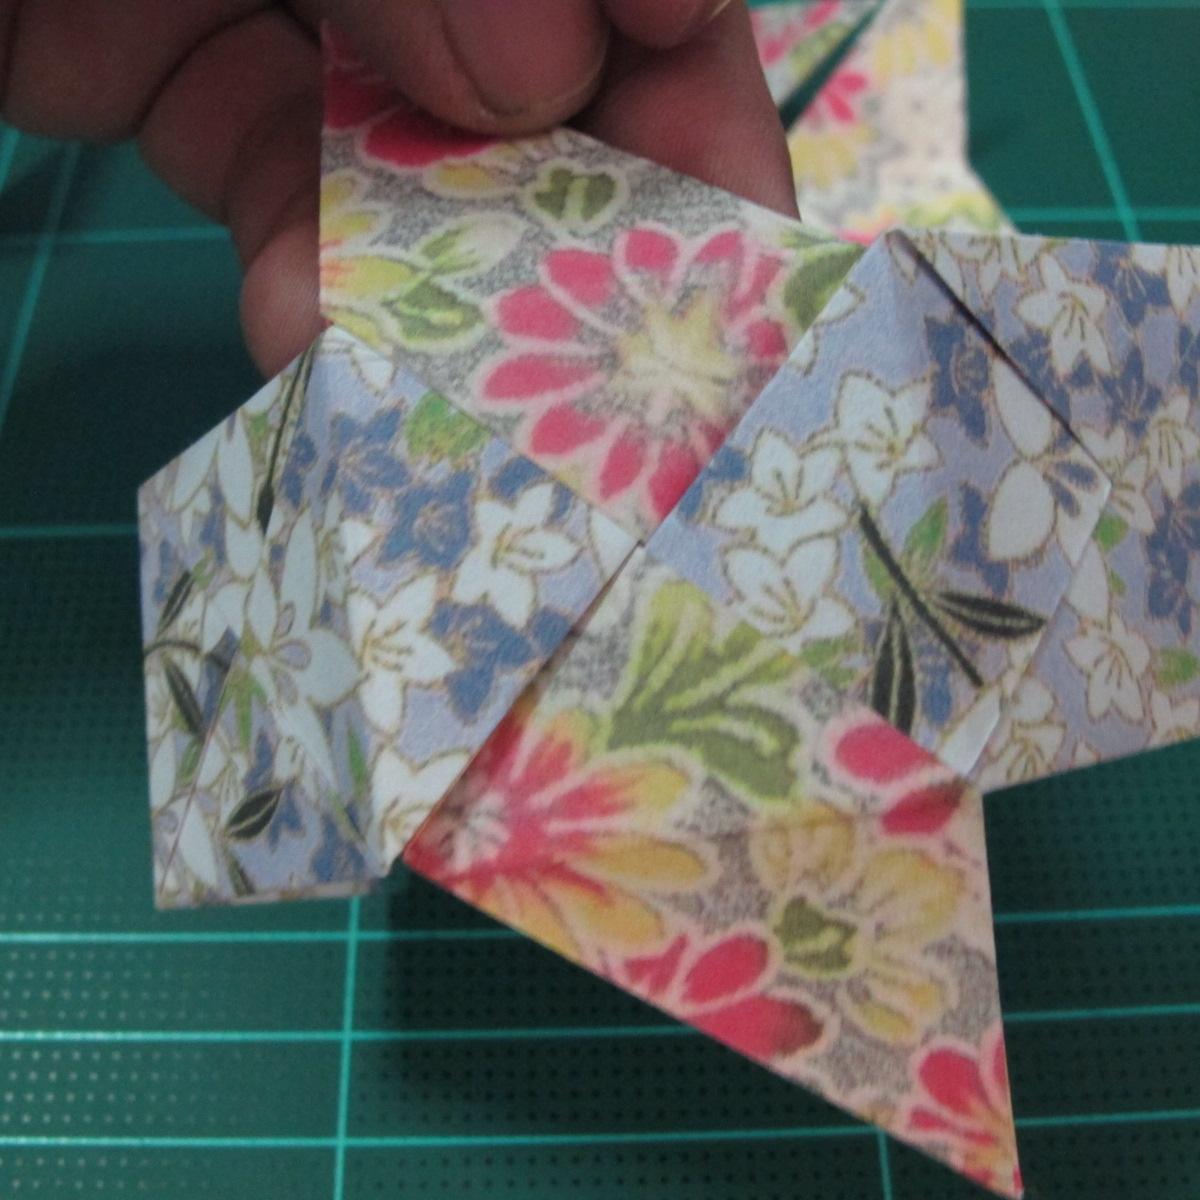 การพับกระดาษเป็นรูปเรขาคณิตทรงลูกบาศก์แบบแยกชิ้นประกอบ (Modular Origami Cube) 022